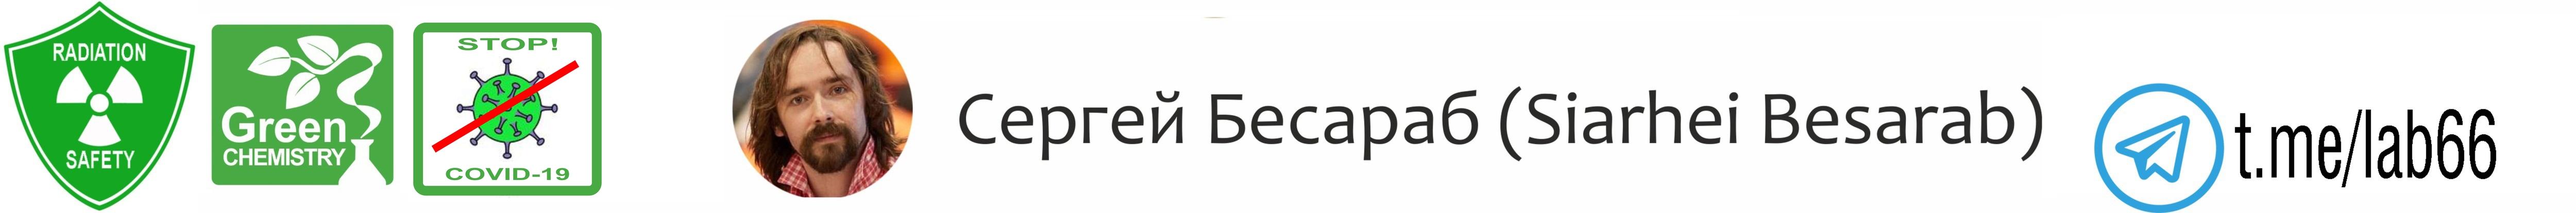 Сергей Бесараб (Siarhei Besarab)